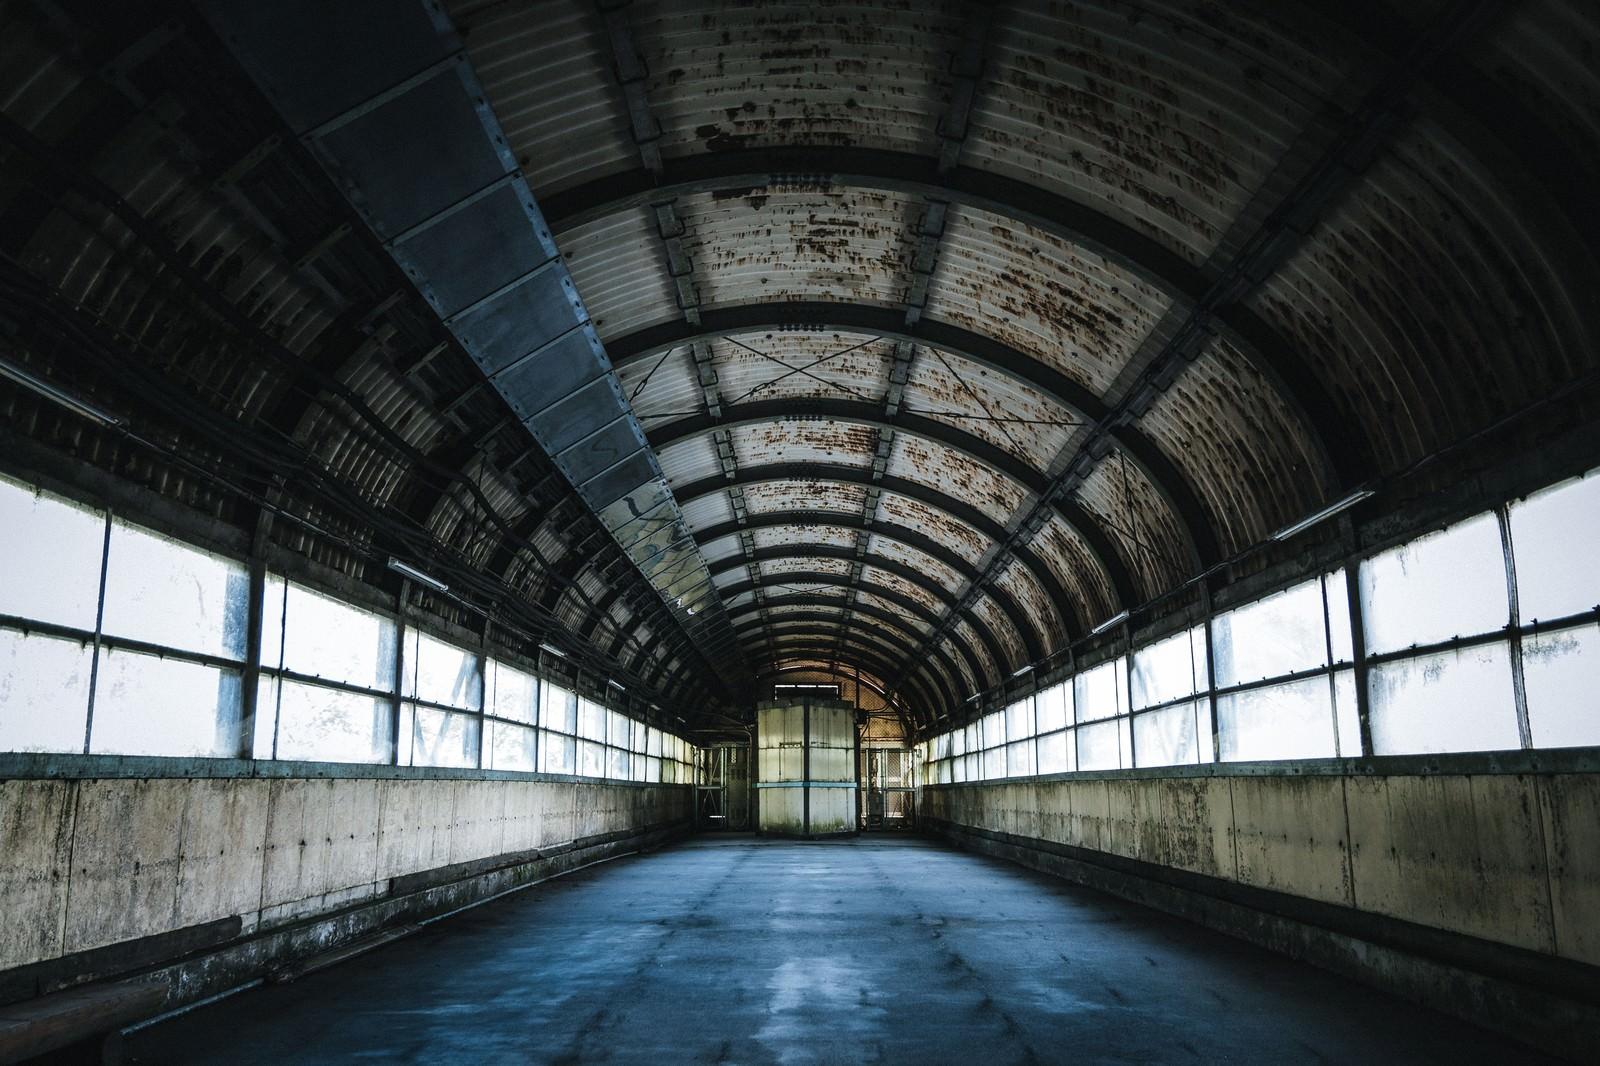 「廃墟感漂う土合駅のアーチ型通路」の写真